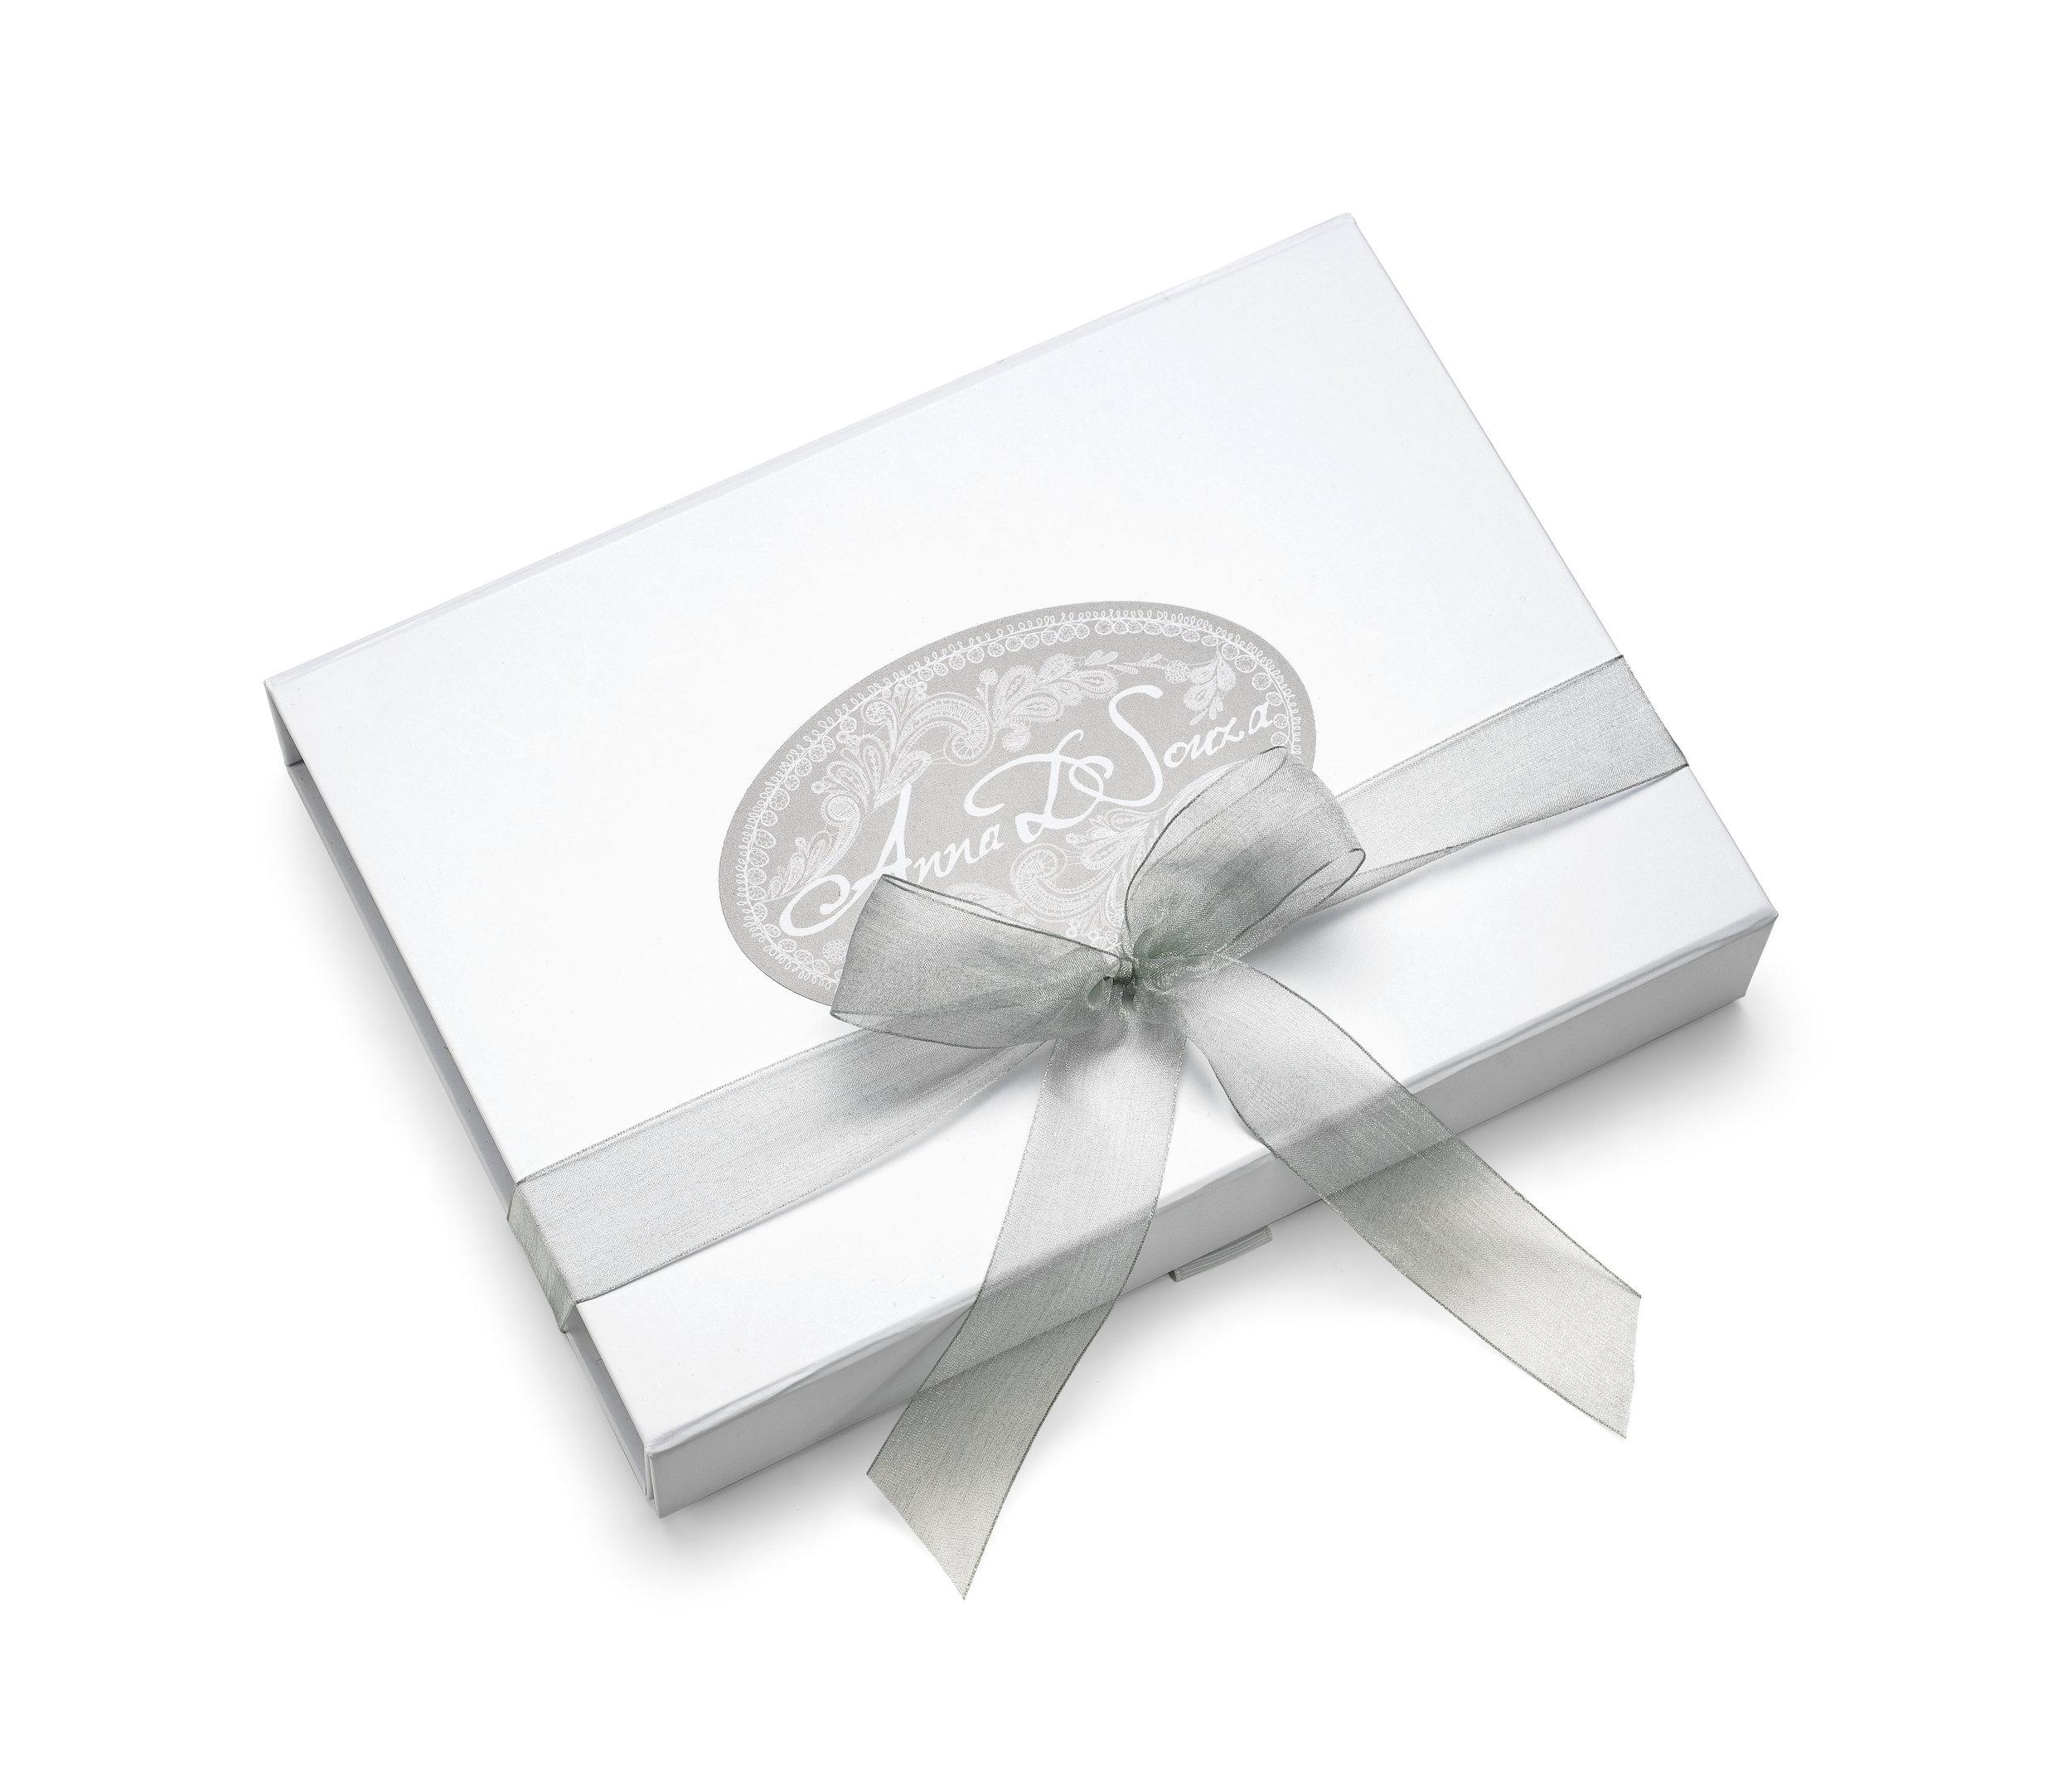 Heirloom wedding garter gift box